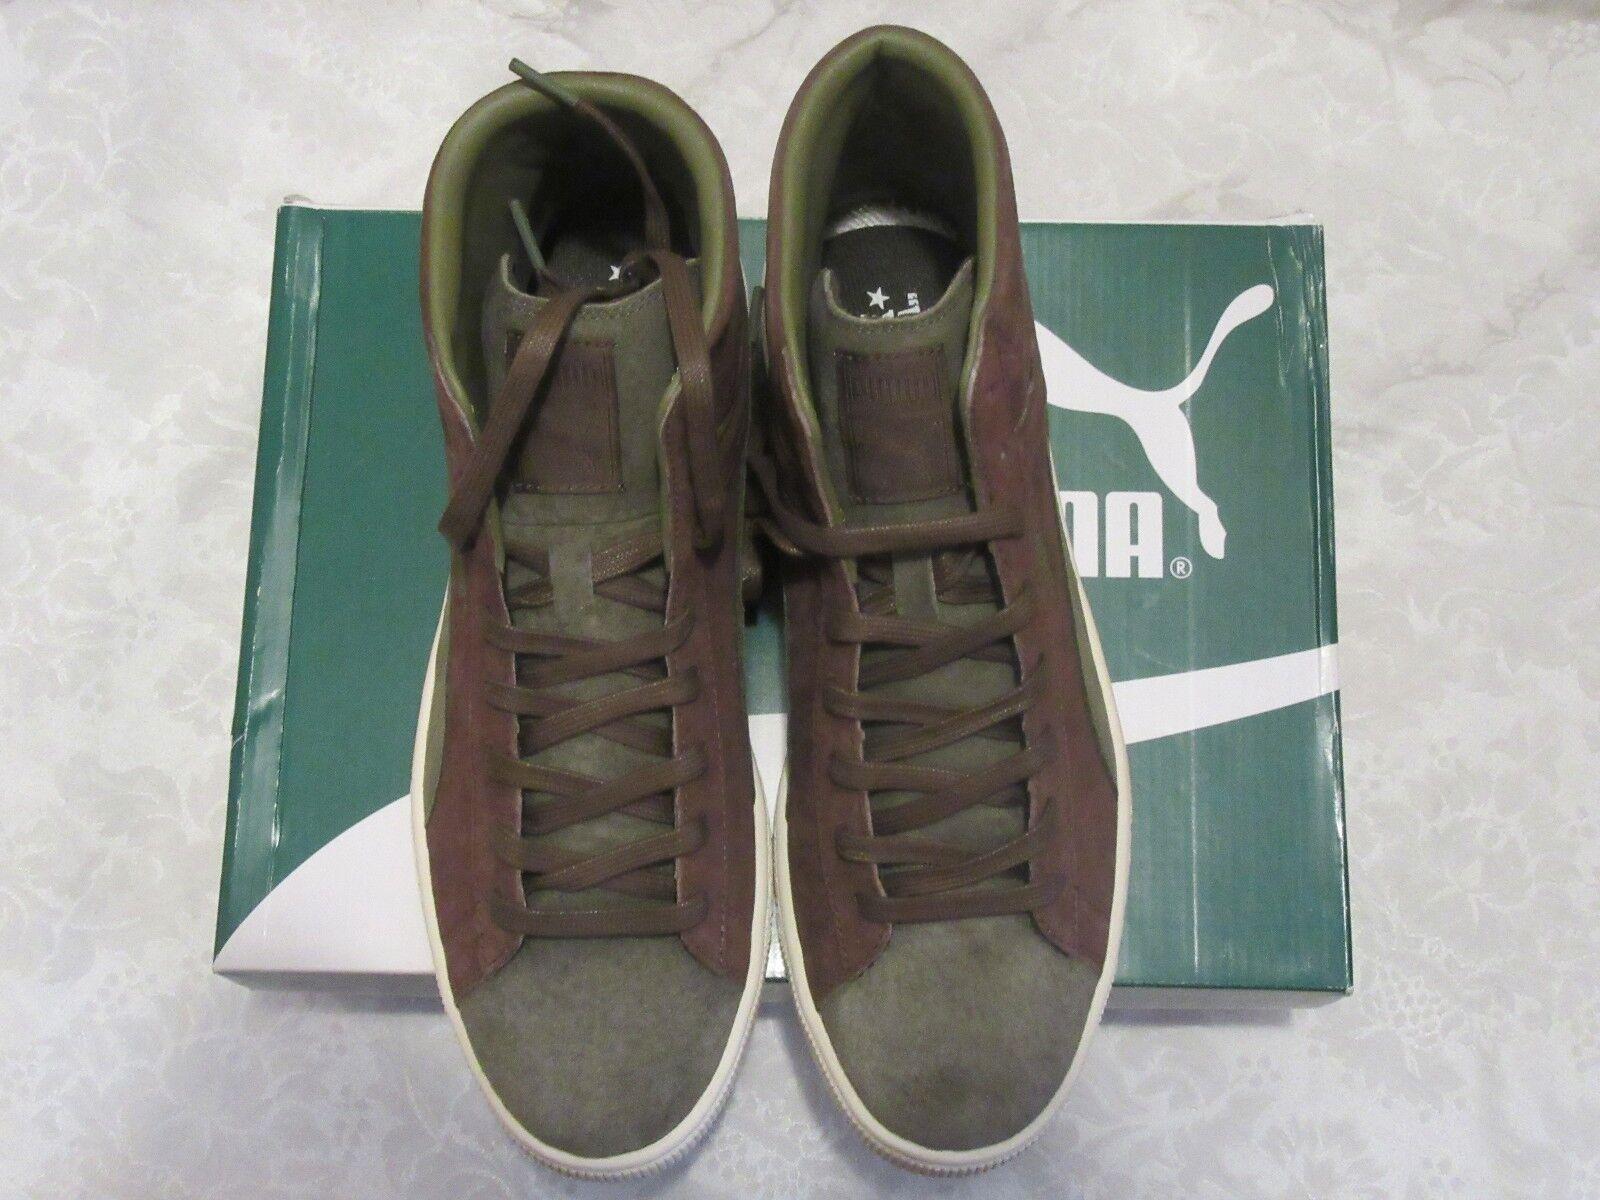 Puma Mid Burnt Olive Oro x Bobbito castaño nuevos 361050 01 cómodos zapatos nuevos castaño para hombres y mujeres, el limitado tiempo de descuento e5c2b5